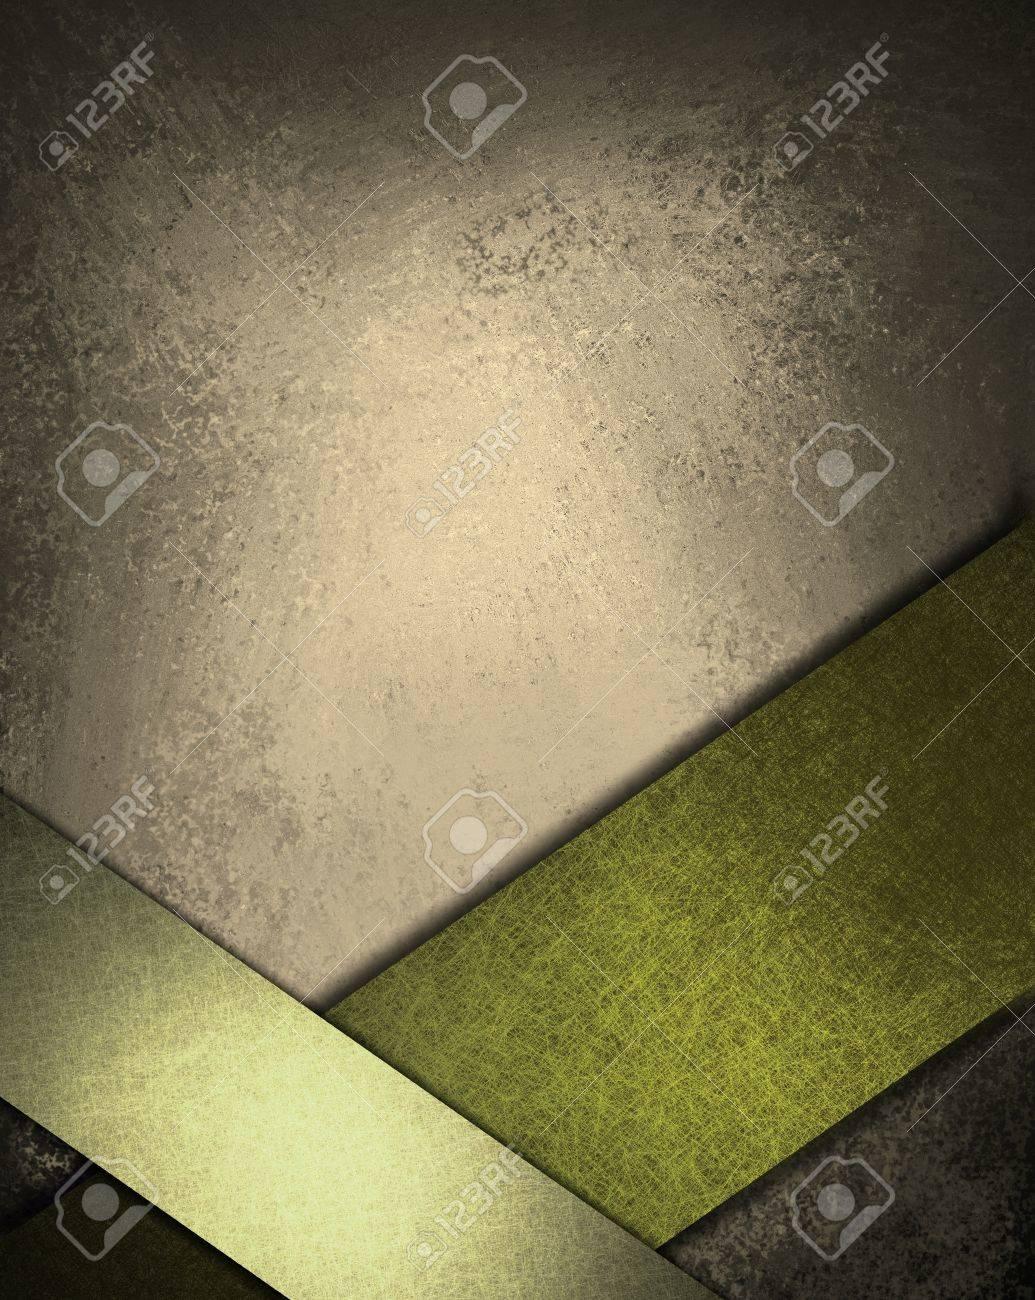 Marrón Y Gris De Fondo Verde Con Colores Ricos Y Profundos De La ...